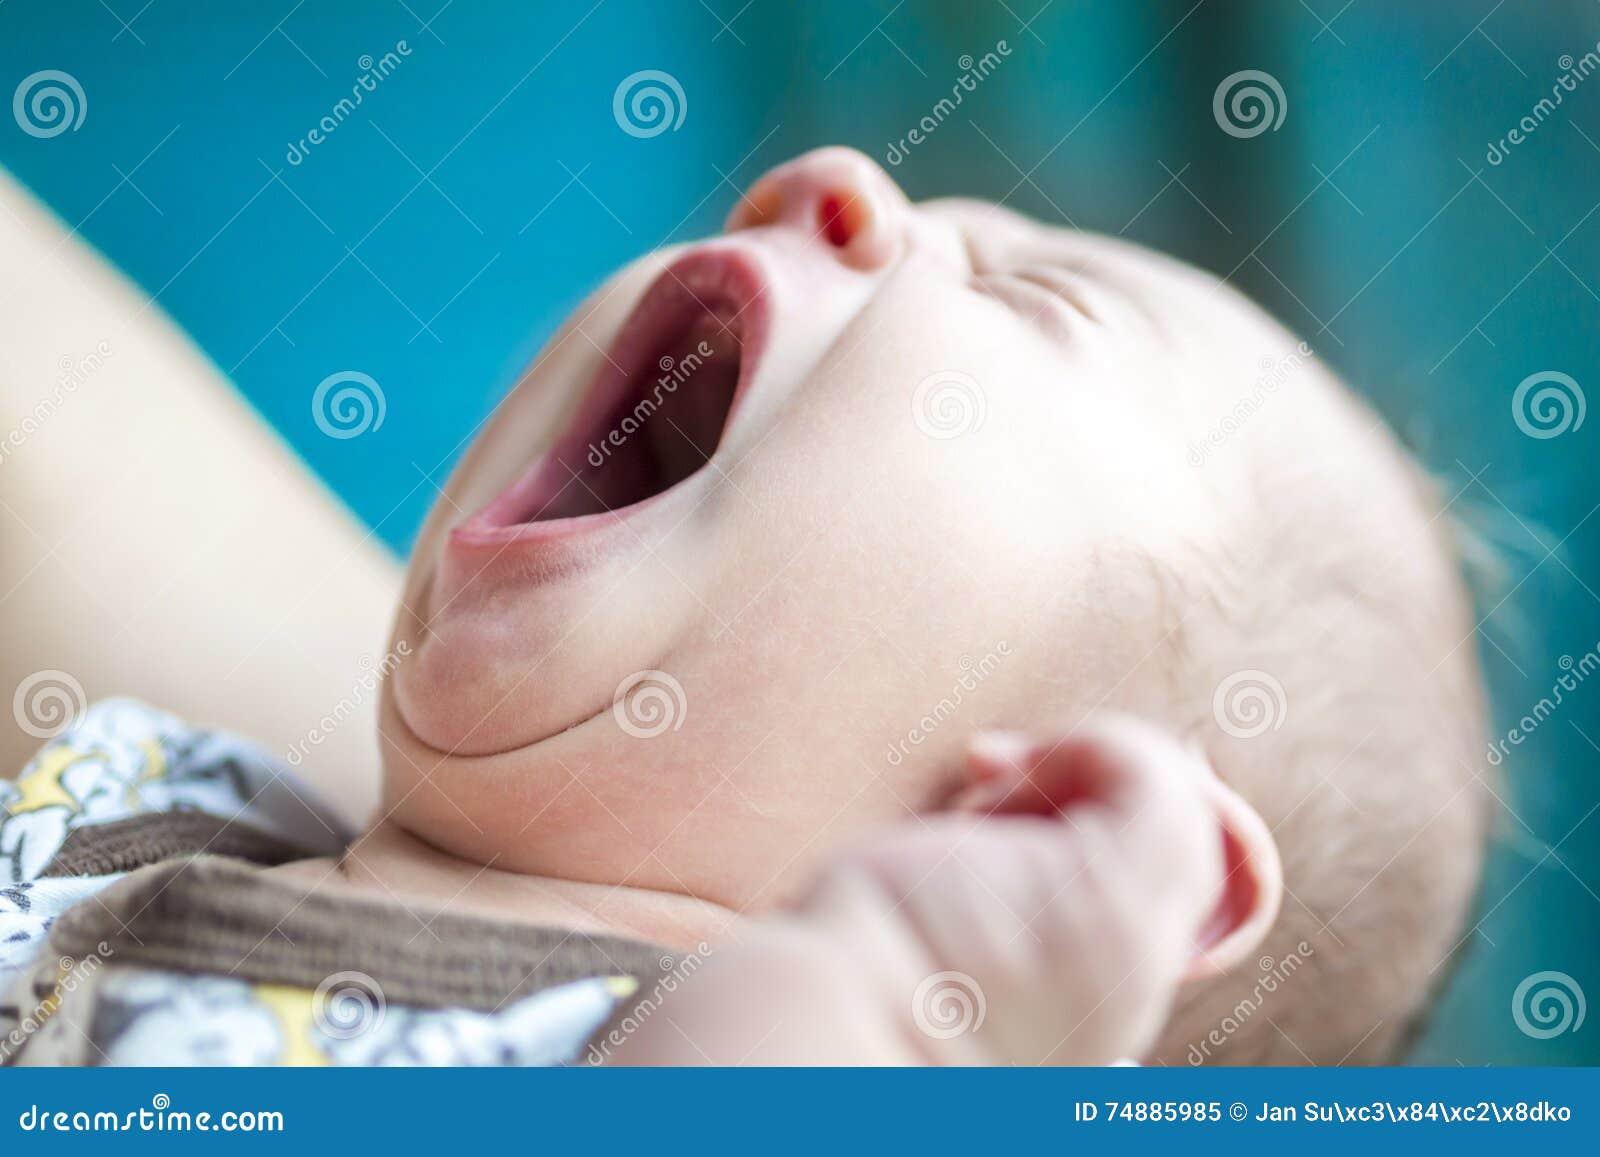 Criança recém-nascida